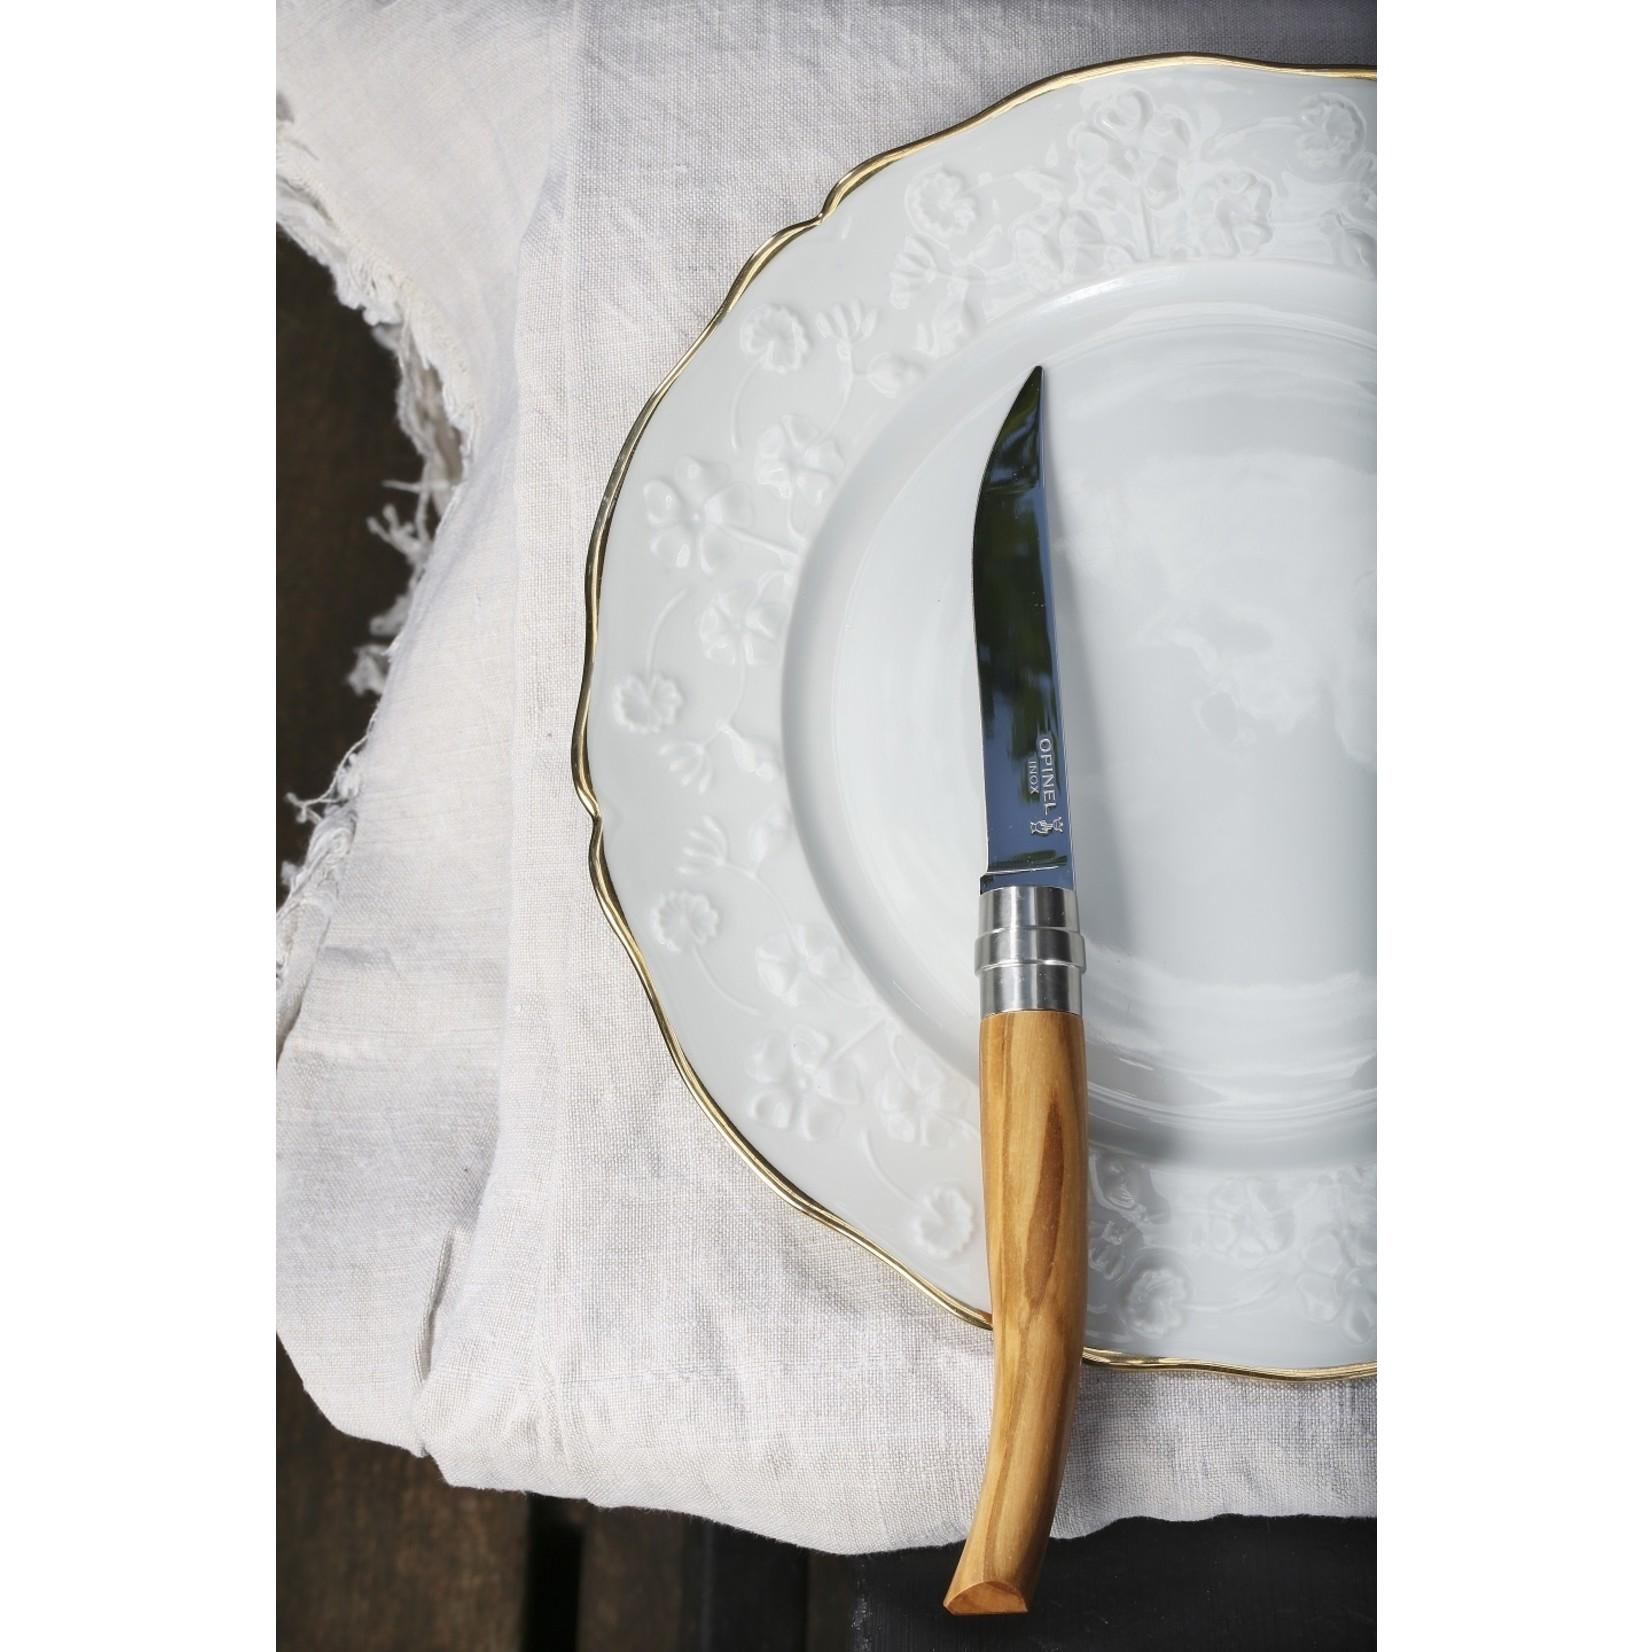 Opinel Opinel Chic tafelmessen 4-delig olijfhout